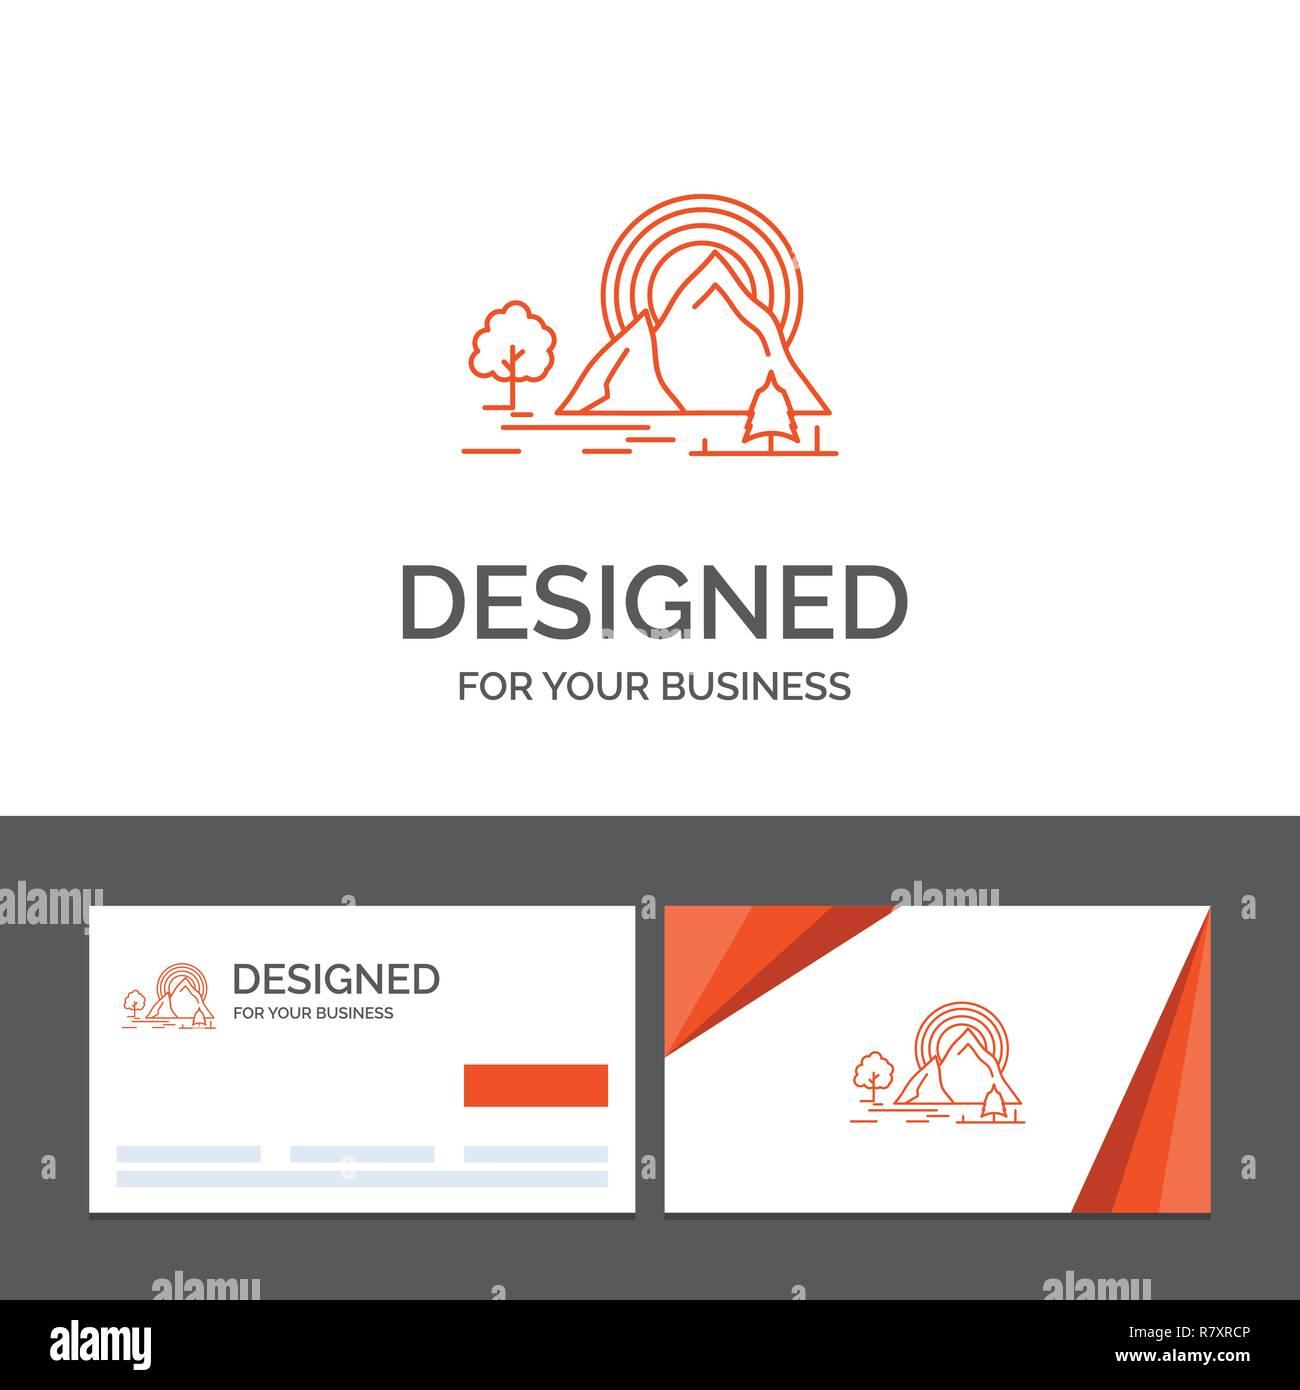 Modele De Logo Dentreprise Pour La Montagne Colline Paysage Nature Arc En Ciel Cartes Visite Orange Avec Marque Template